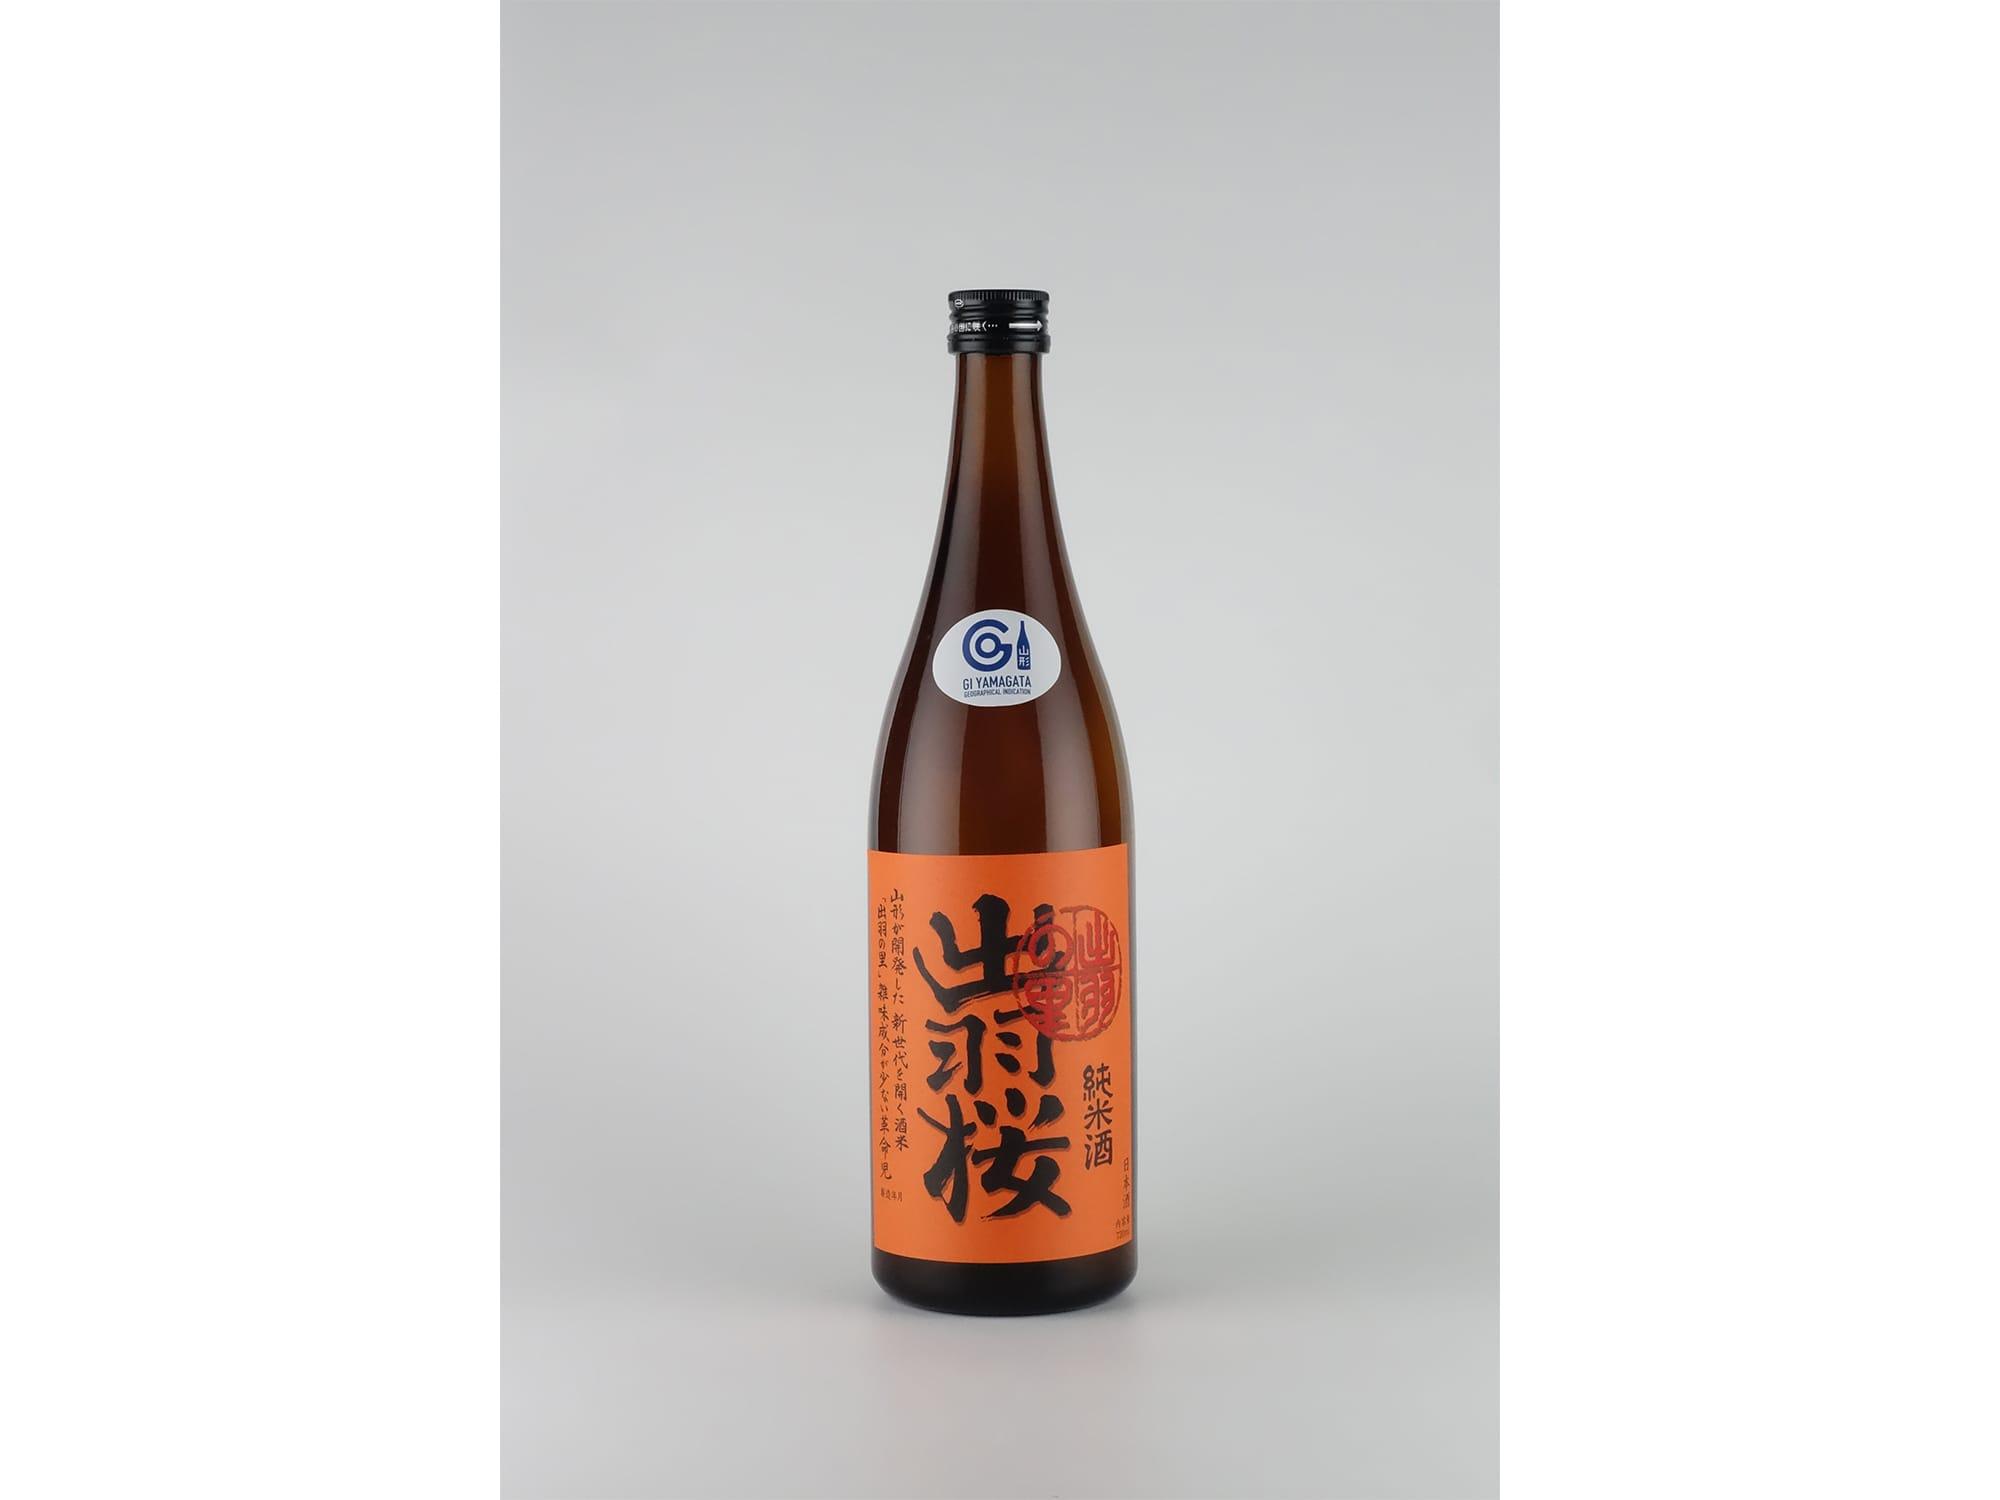 「出羽桜 出羽の里」720ml 1,300円(税抜)